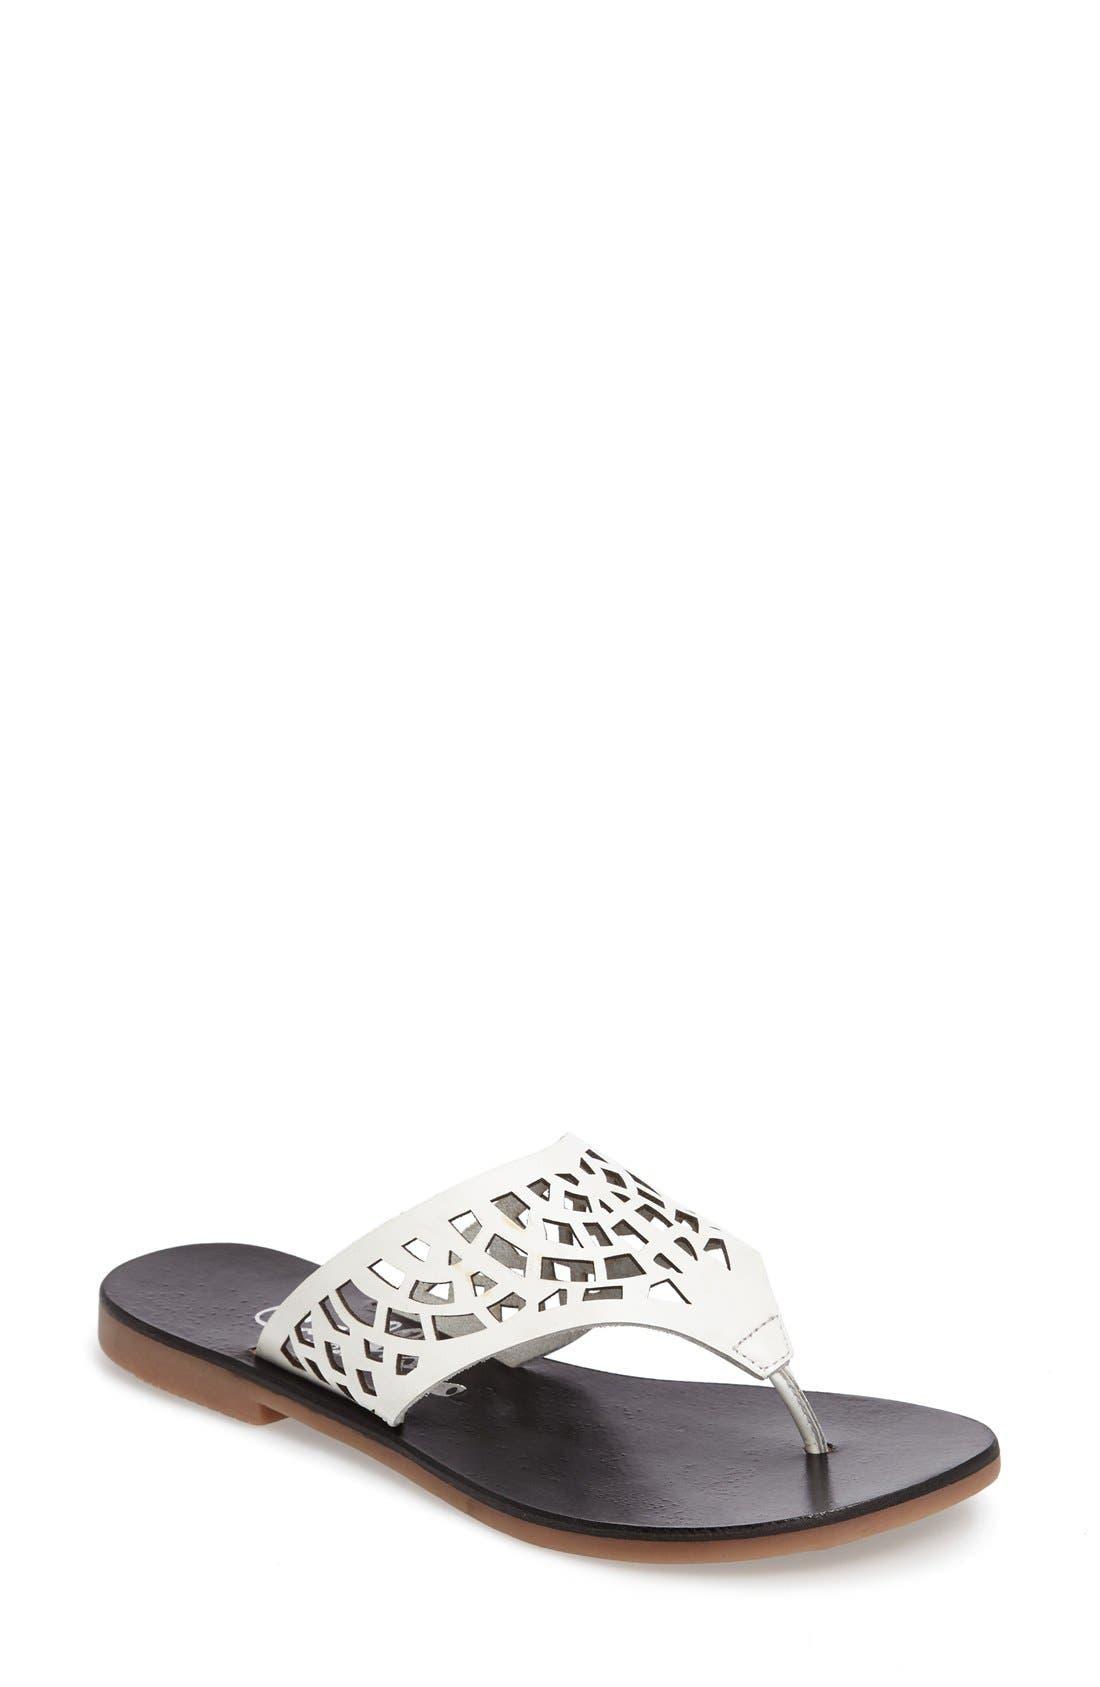 Daria Flip Flop,                             Main thumbnail 1, color,                             White Faux Leather